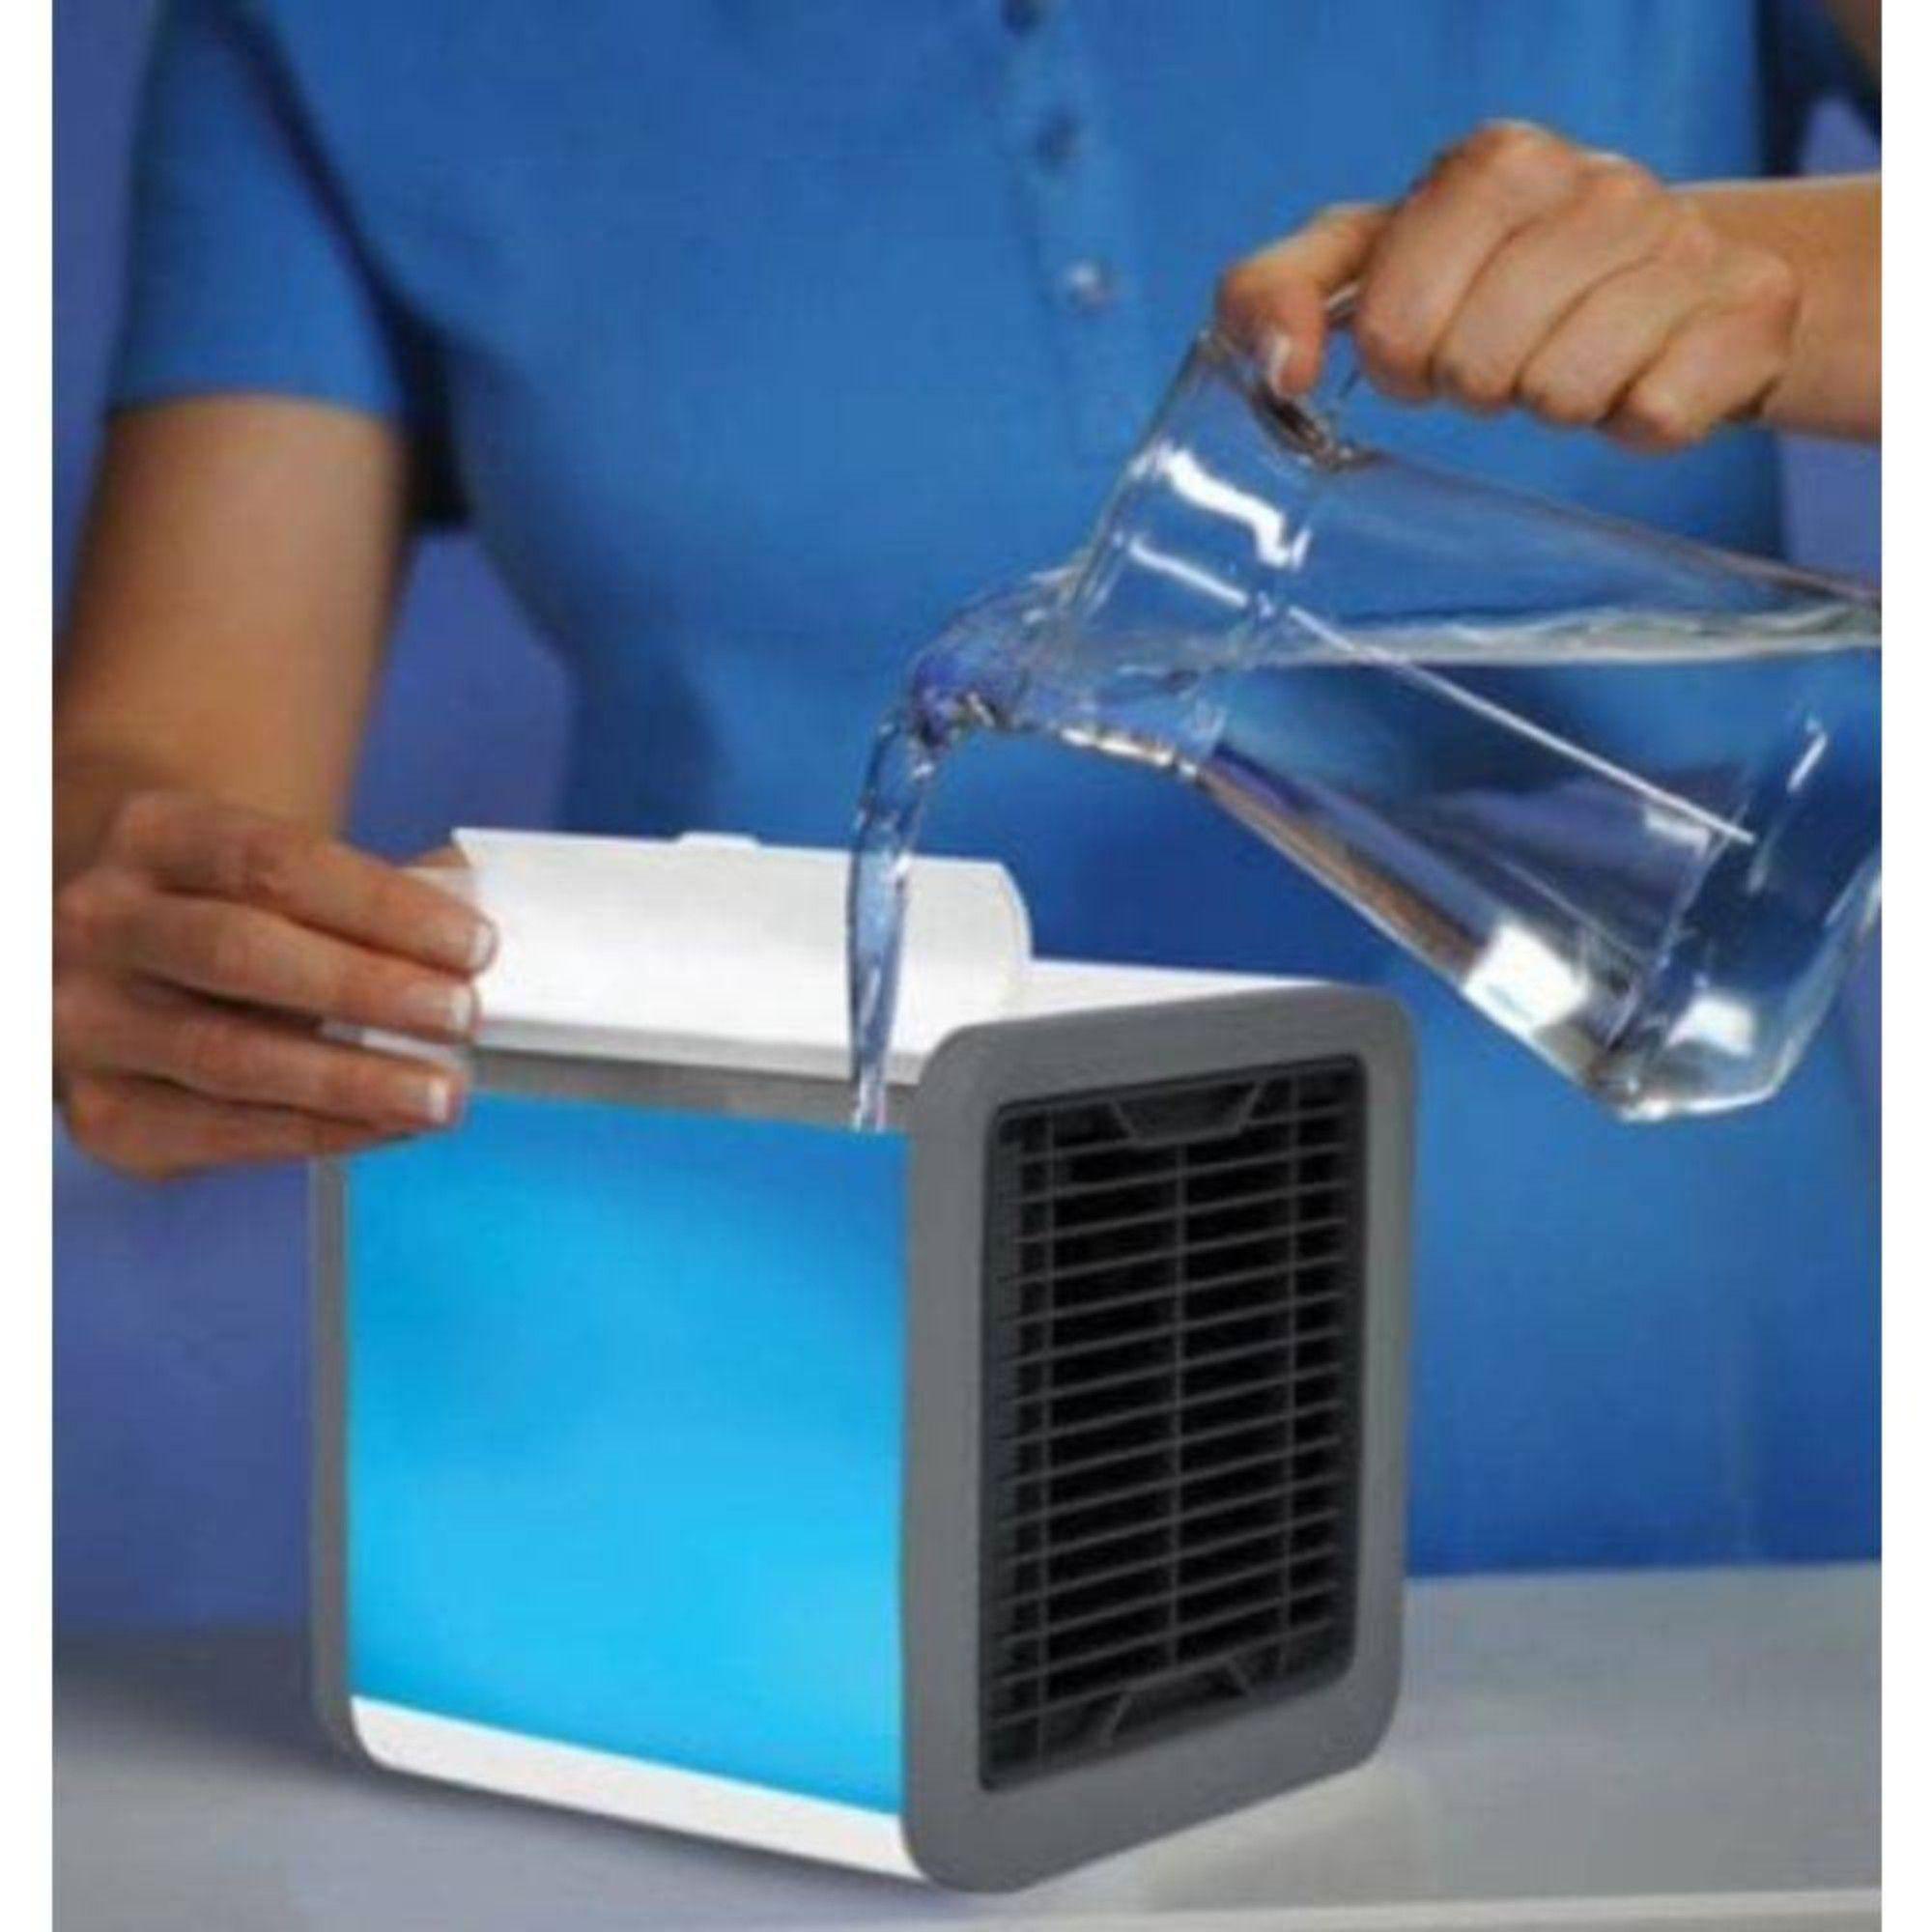 Mini Umidificador Climatizador Ar Condicionado Portátil USB